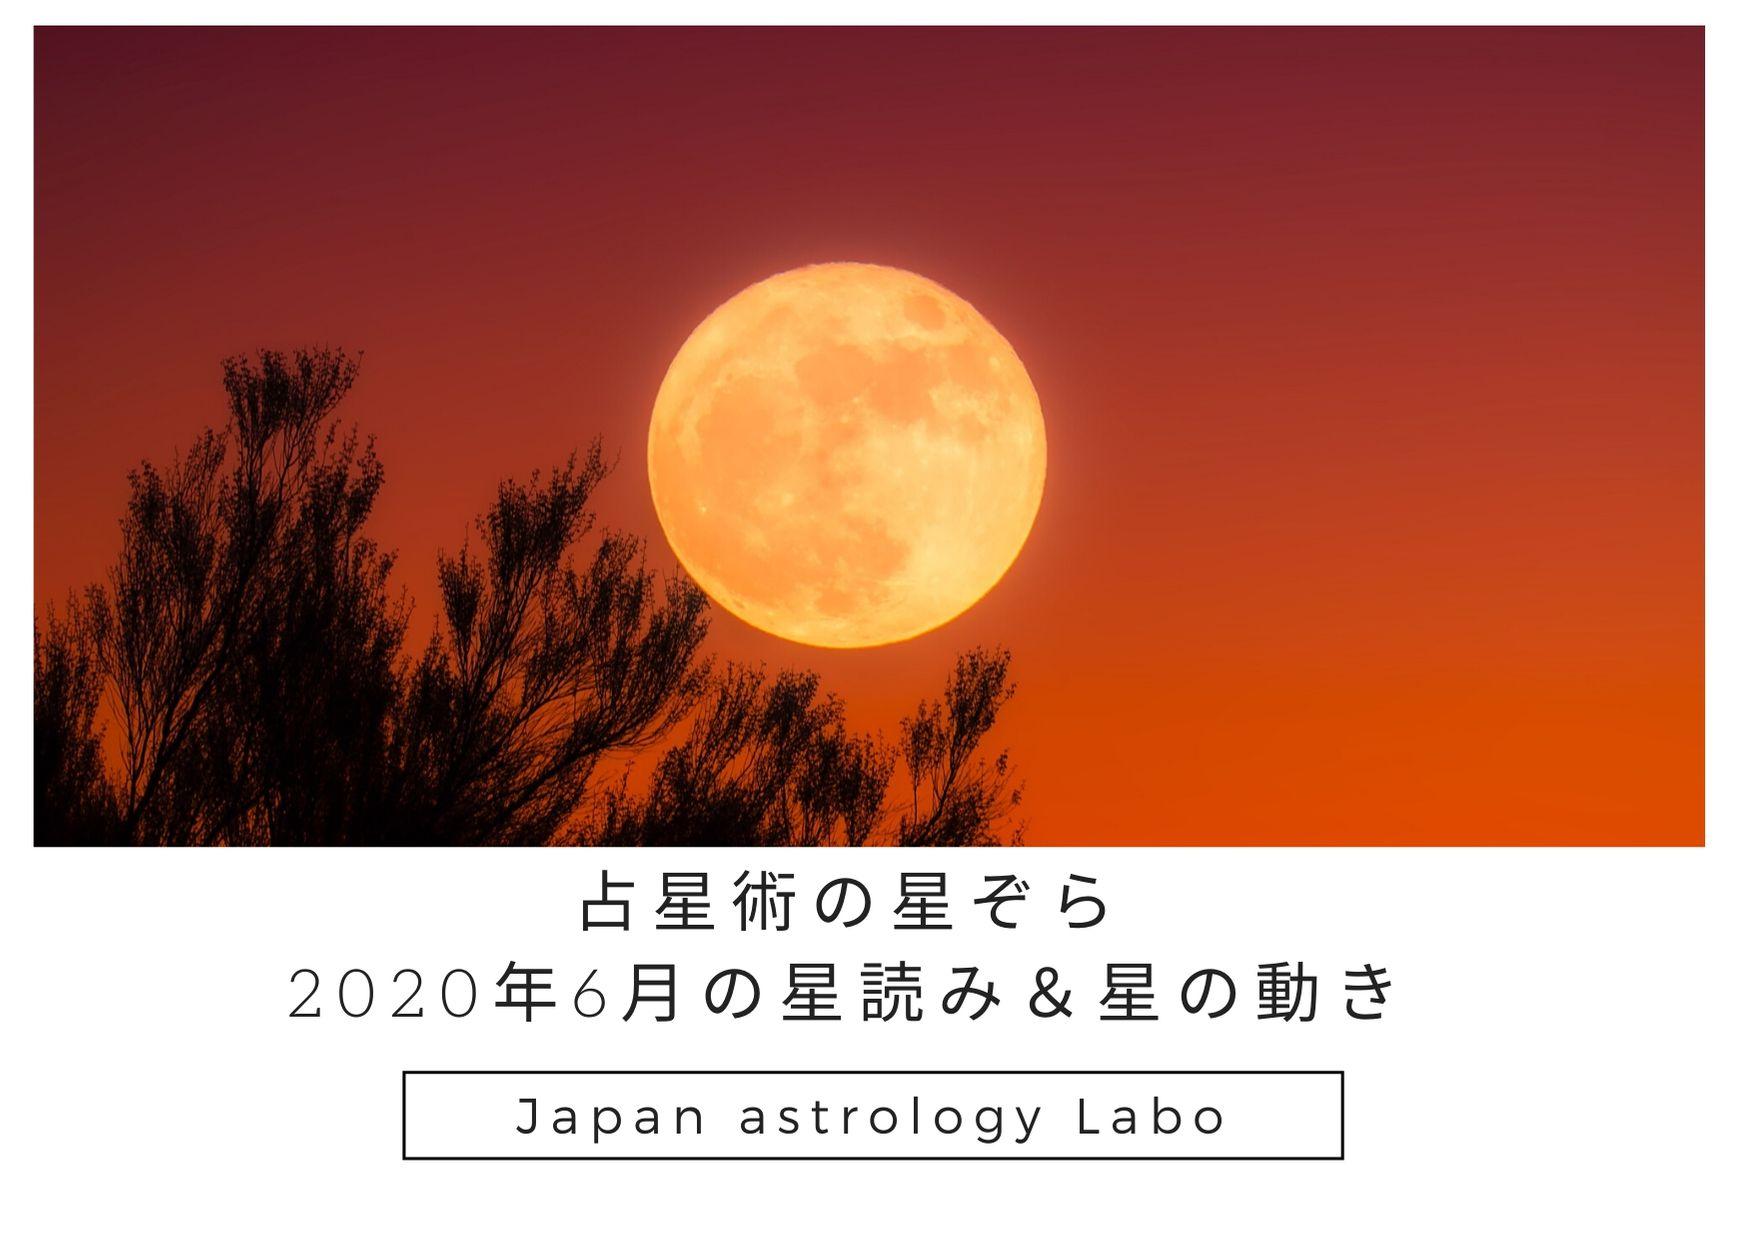 6 2020 満月 年 月